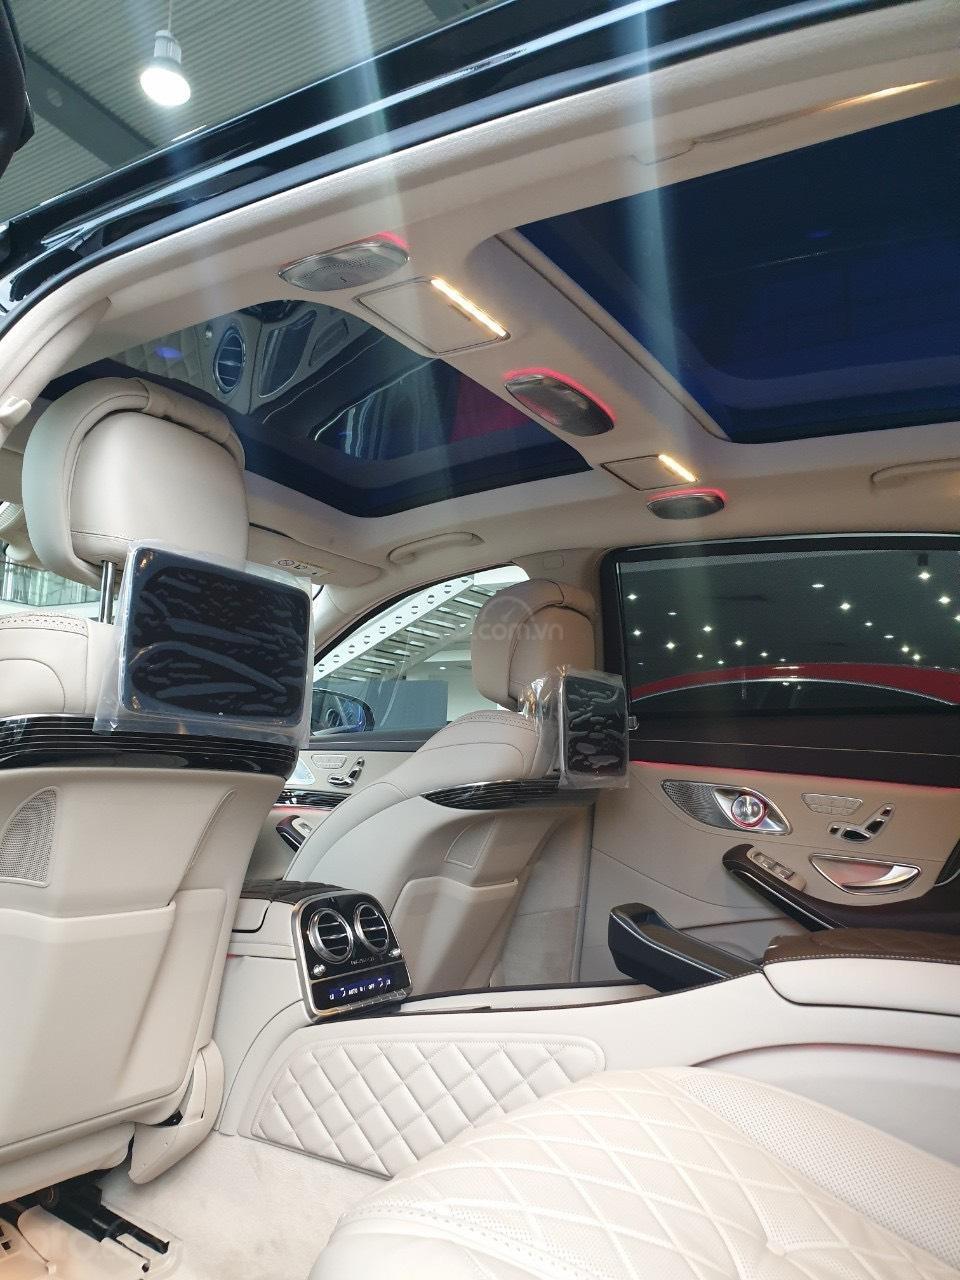 Bán Mercedes Maybach S560 hàng khủng, độc đáo đã về tới Showroom (7)